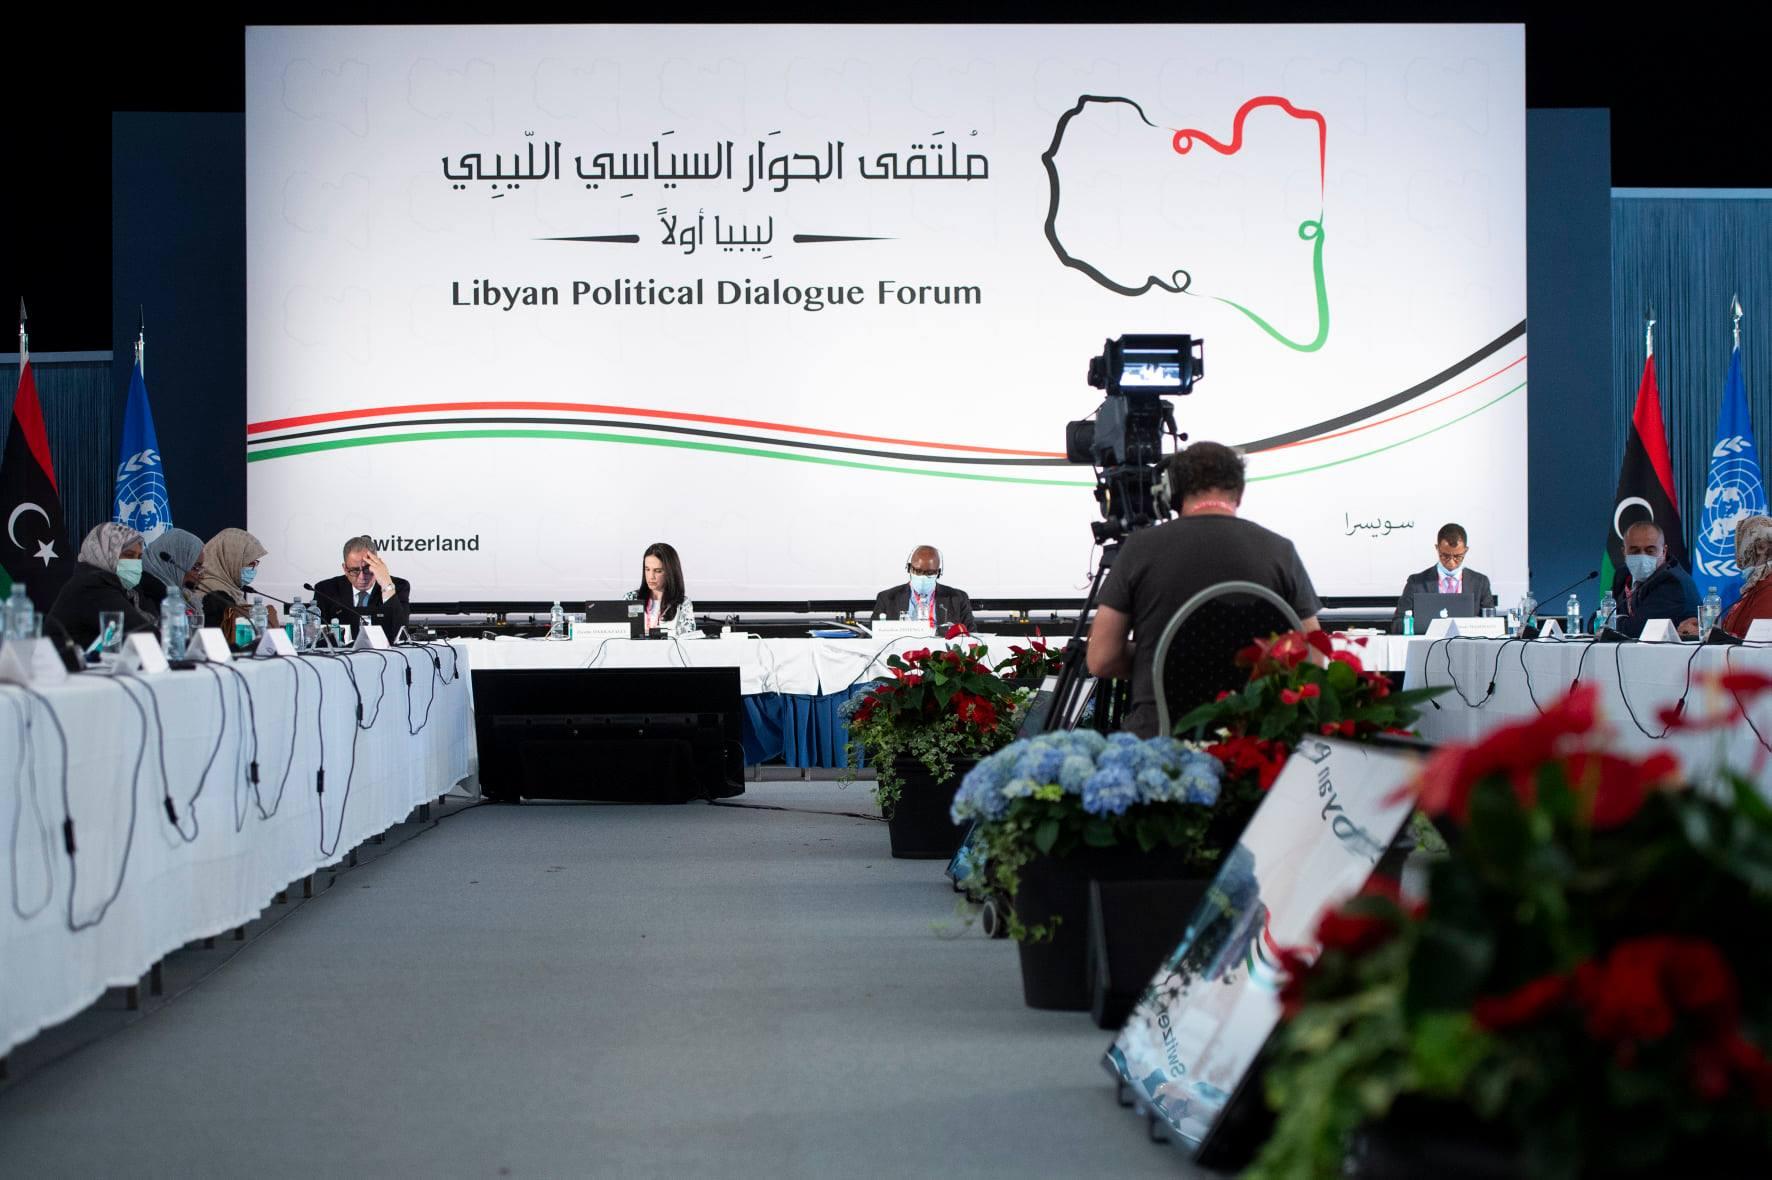 دعوة أممية ودولية لإقرار القاعدة الدستورية لانتخابات 24 ديسمبر